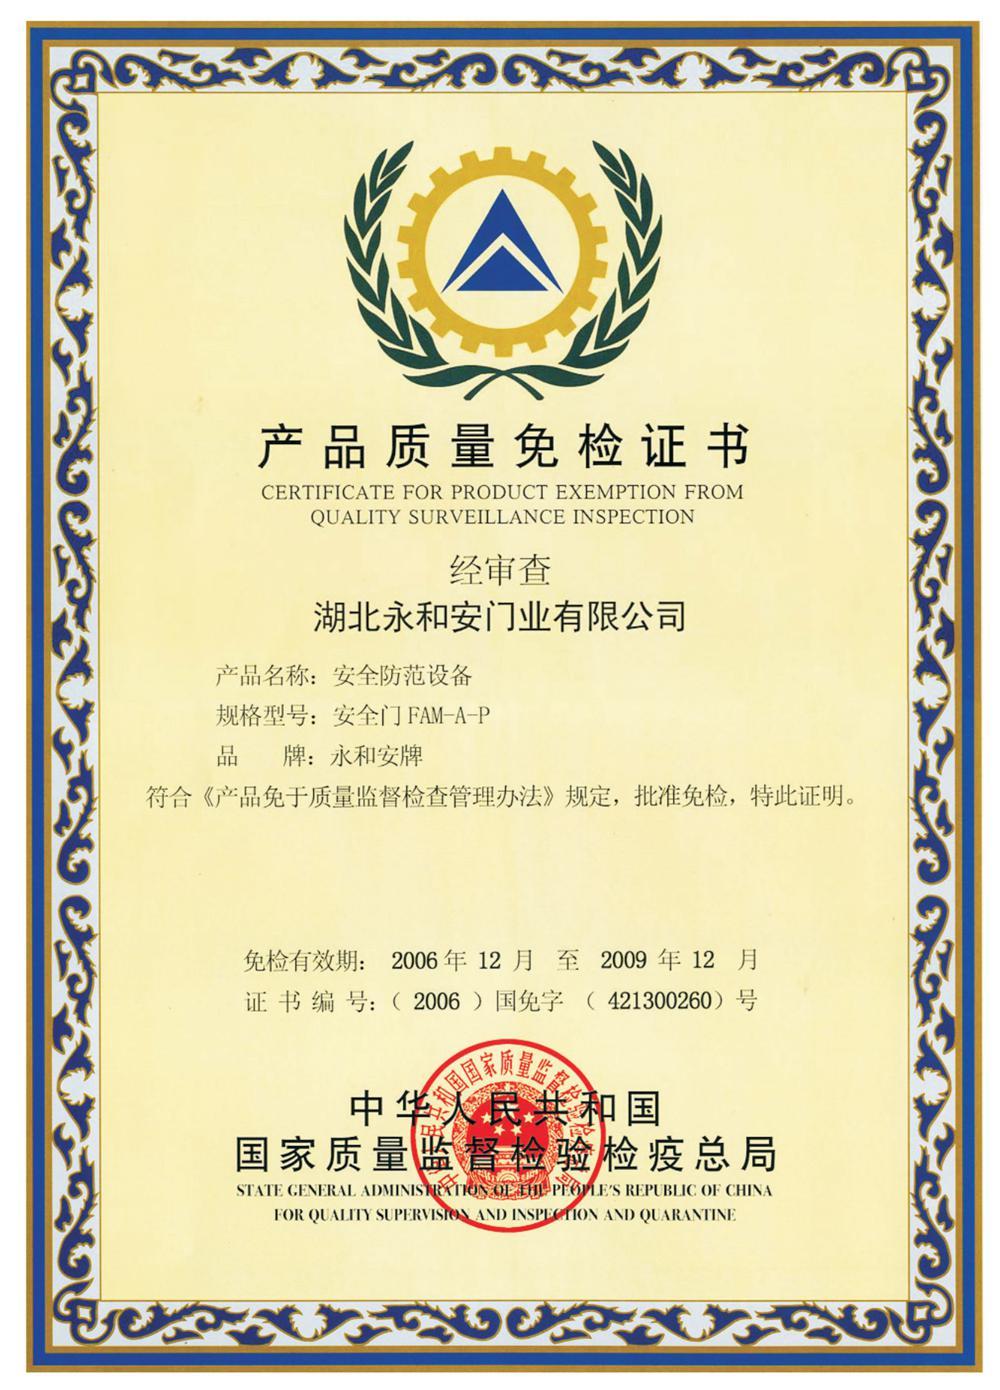 国家免检产品(2006年)